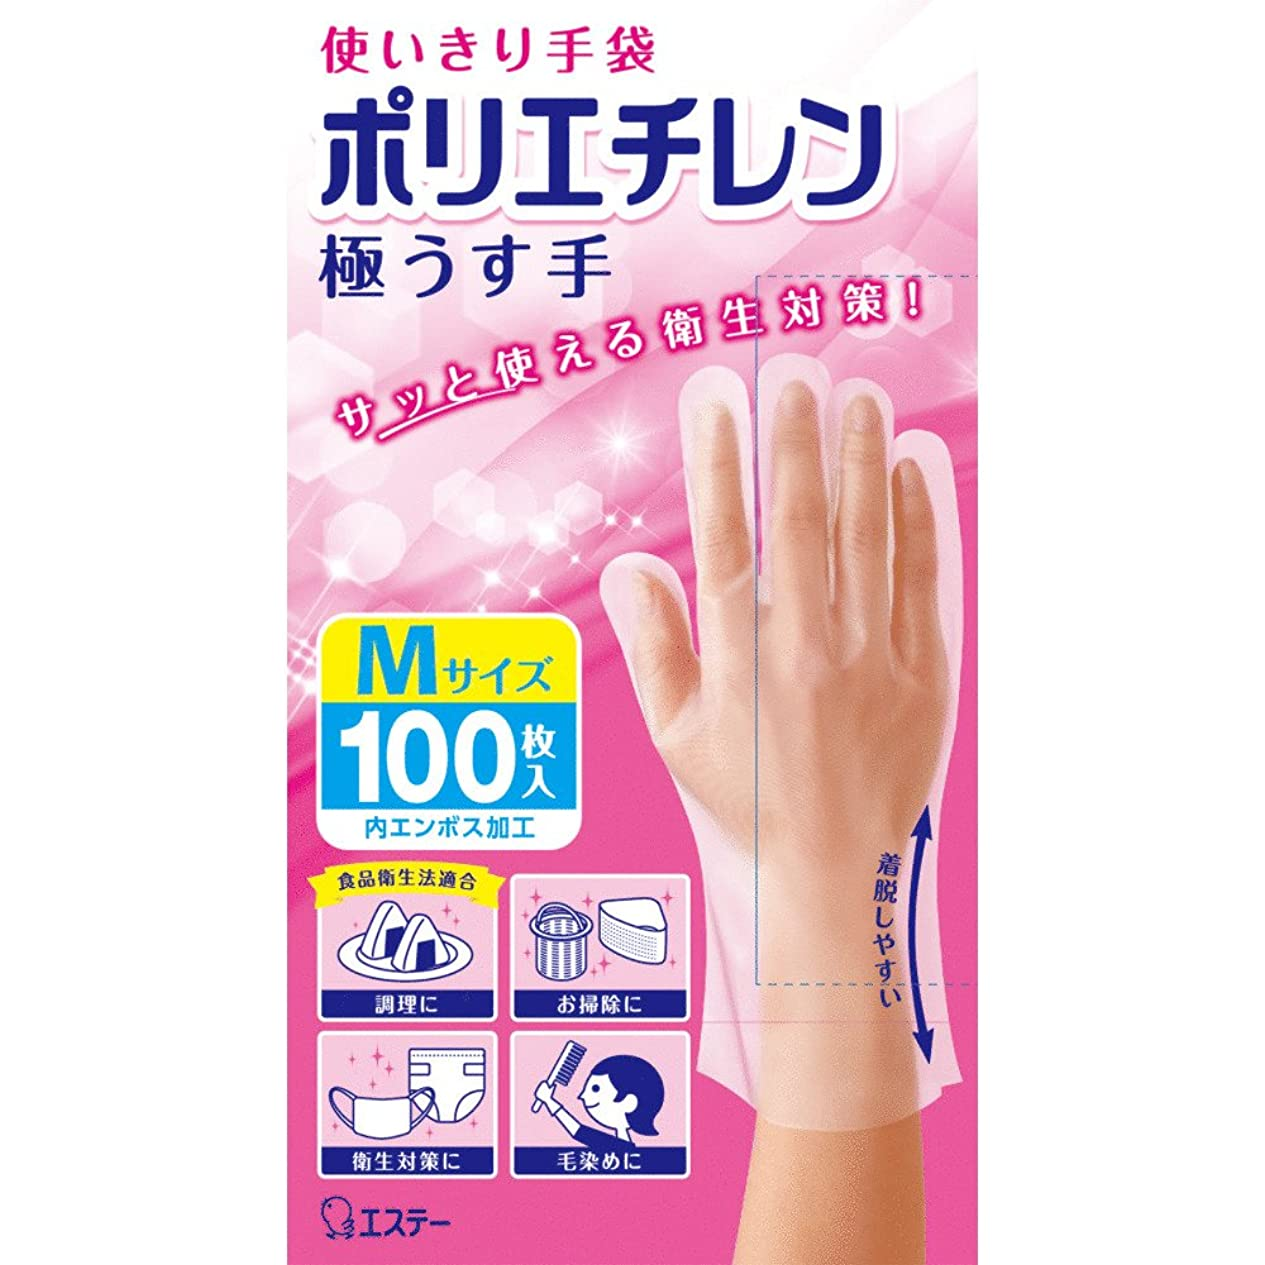 イデオロギー詳細なビジュアル使いきり手袋 ポリエチレン 極うす手 Mサイズ 半透明 100枚